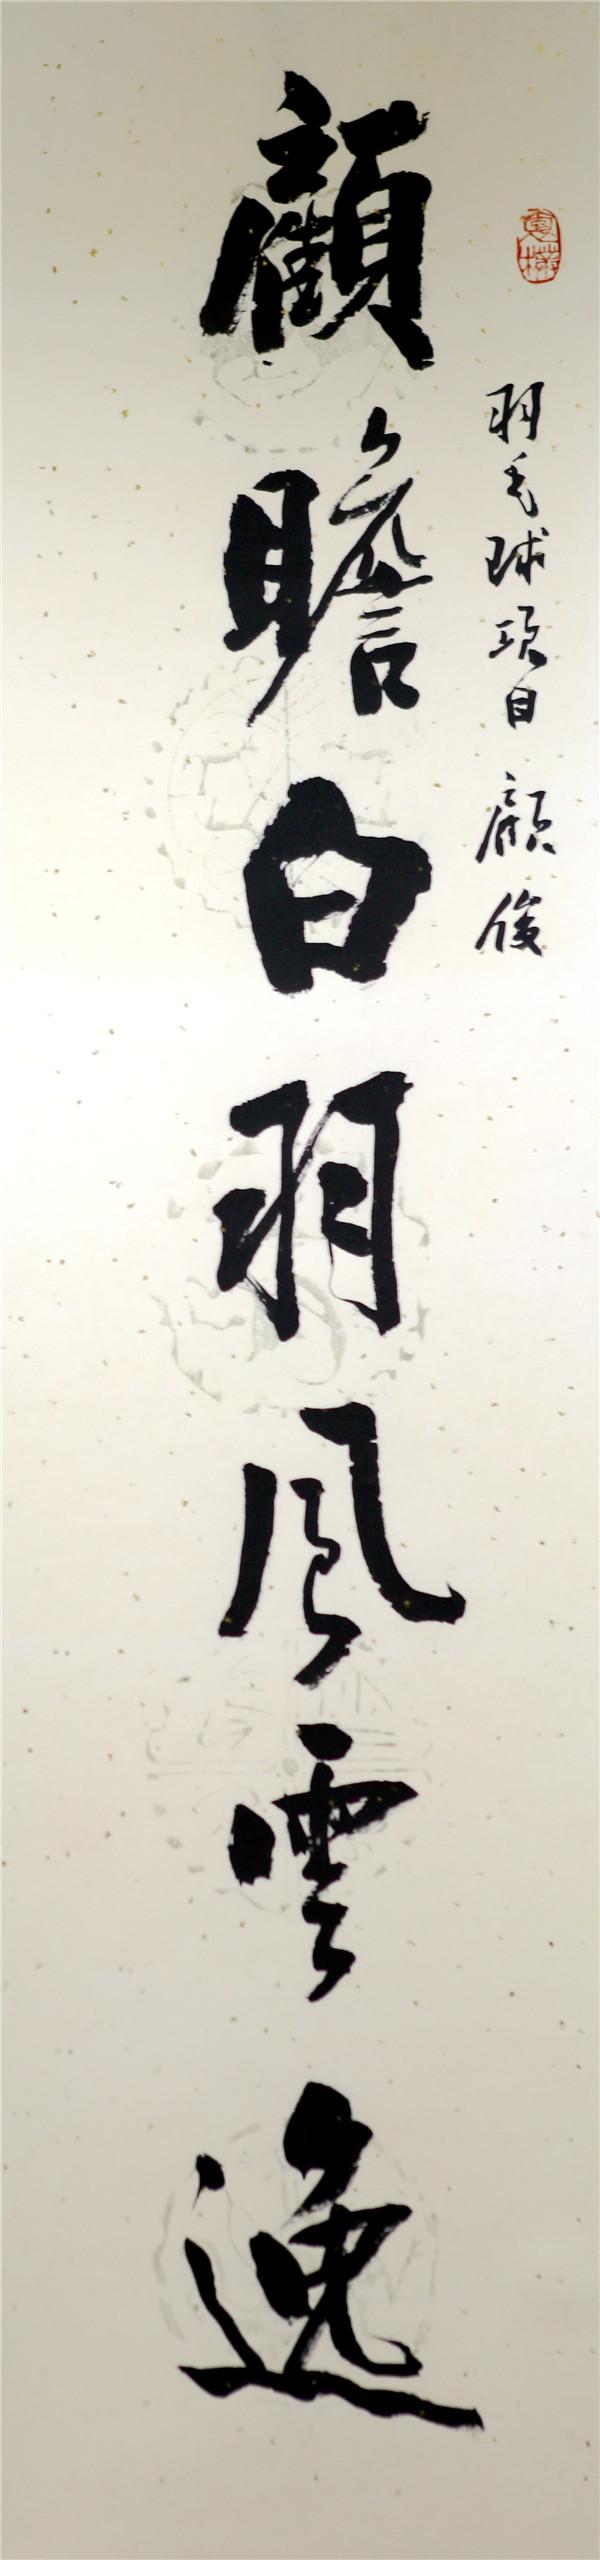 序号355,书录刘晓为江苏奥运冠军顾俊嵌名联